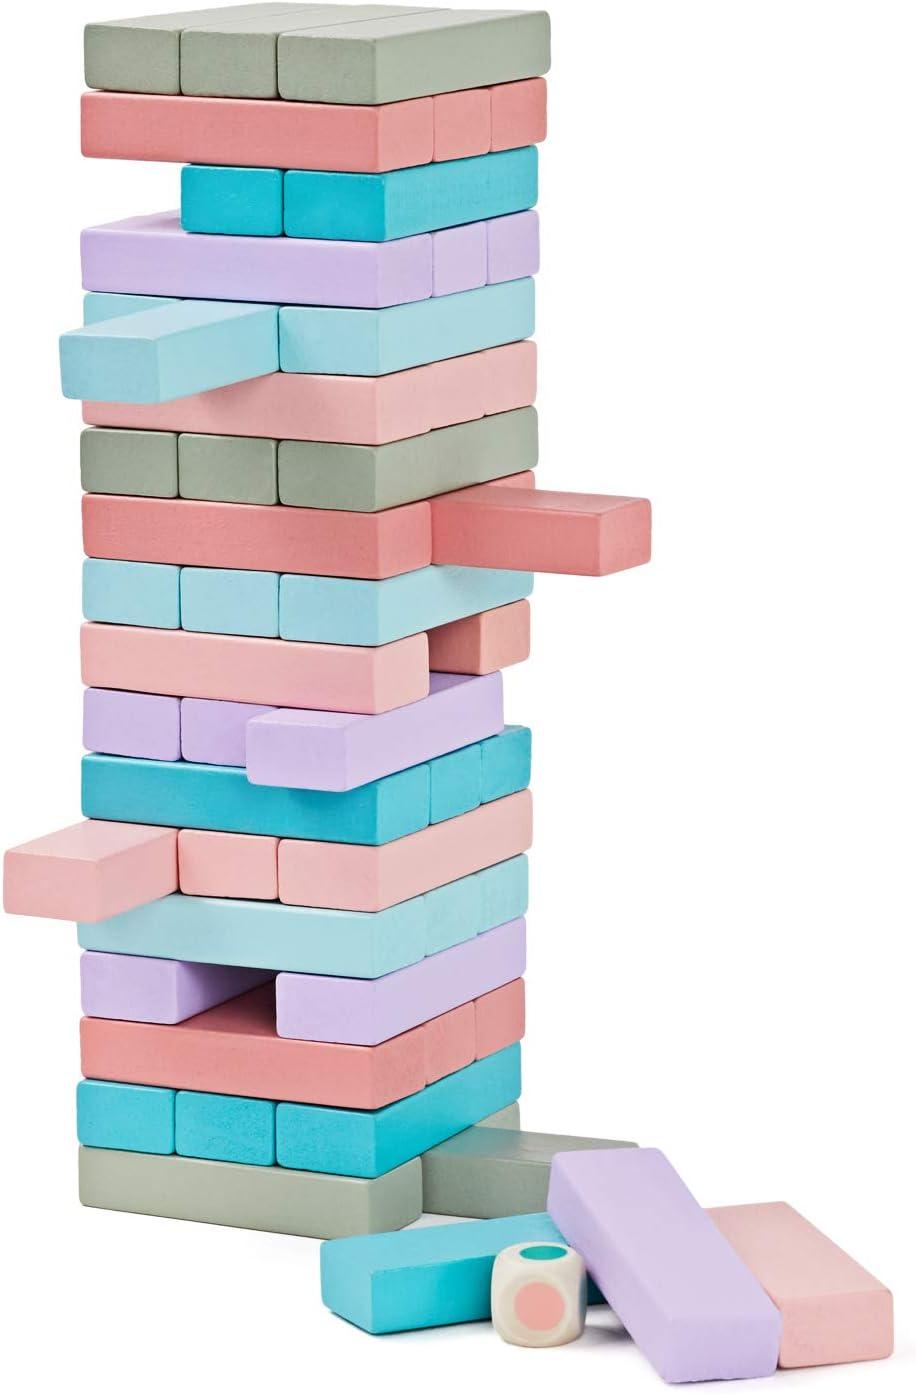 Lewo 54 Piezas Torre de Madera Block Colores Juegos de construcción: Amazon.es: Juguetes y juegos